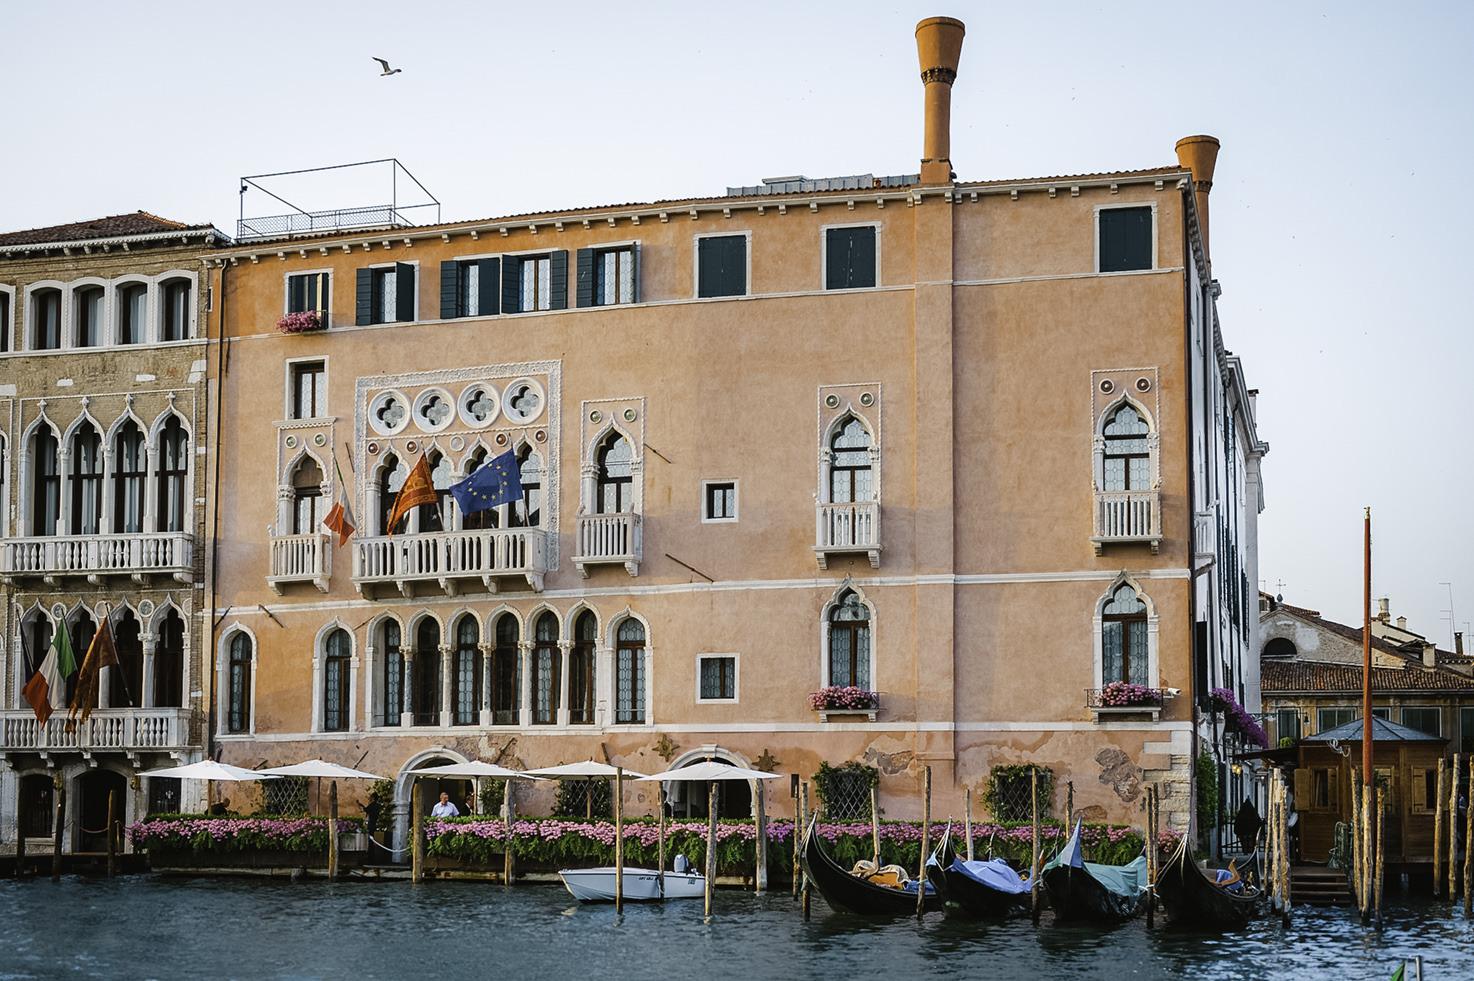 Façade of Cà Sagredo Palace in Venice